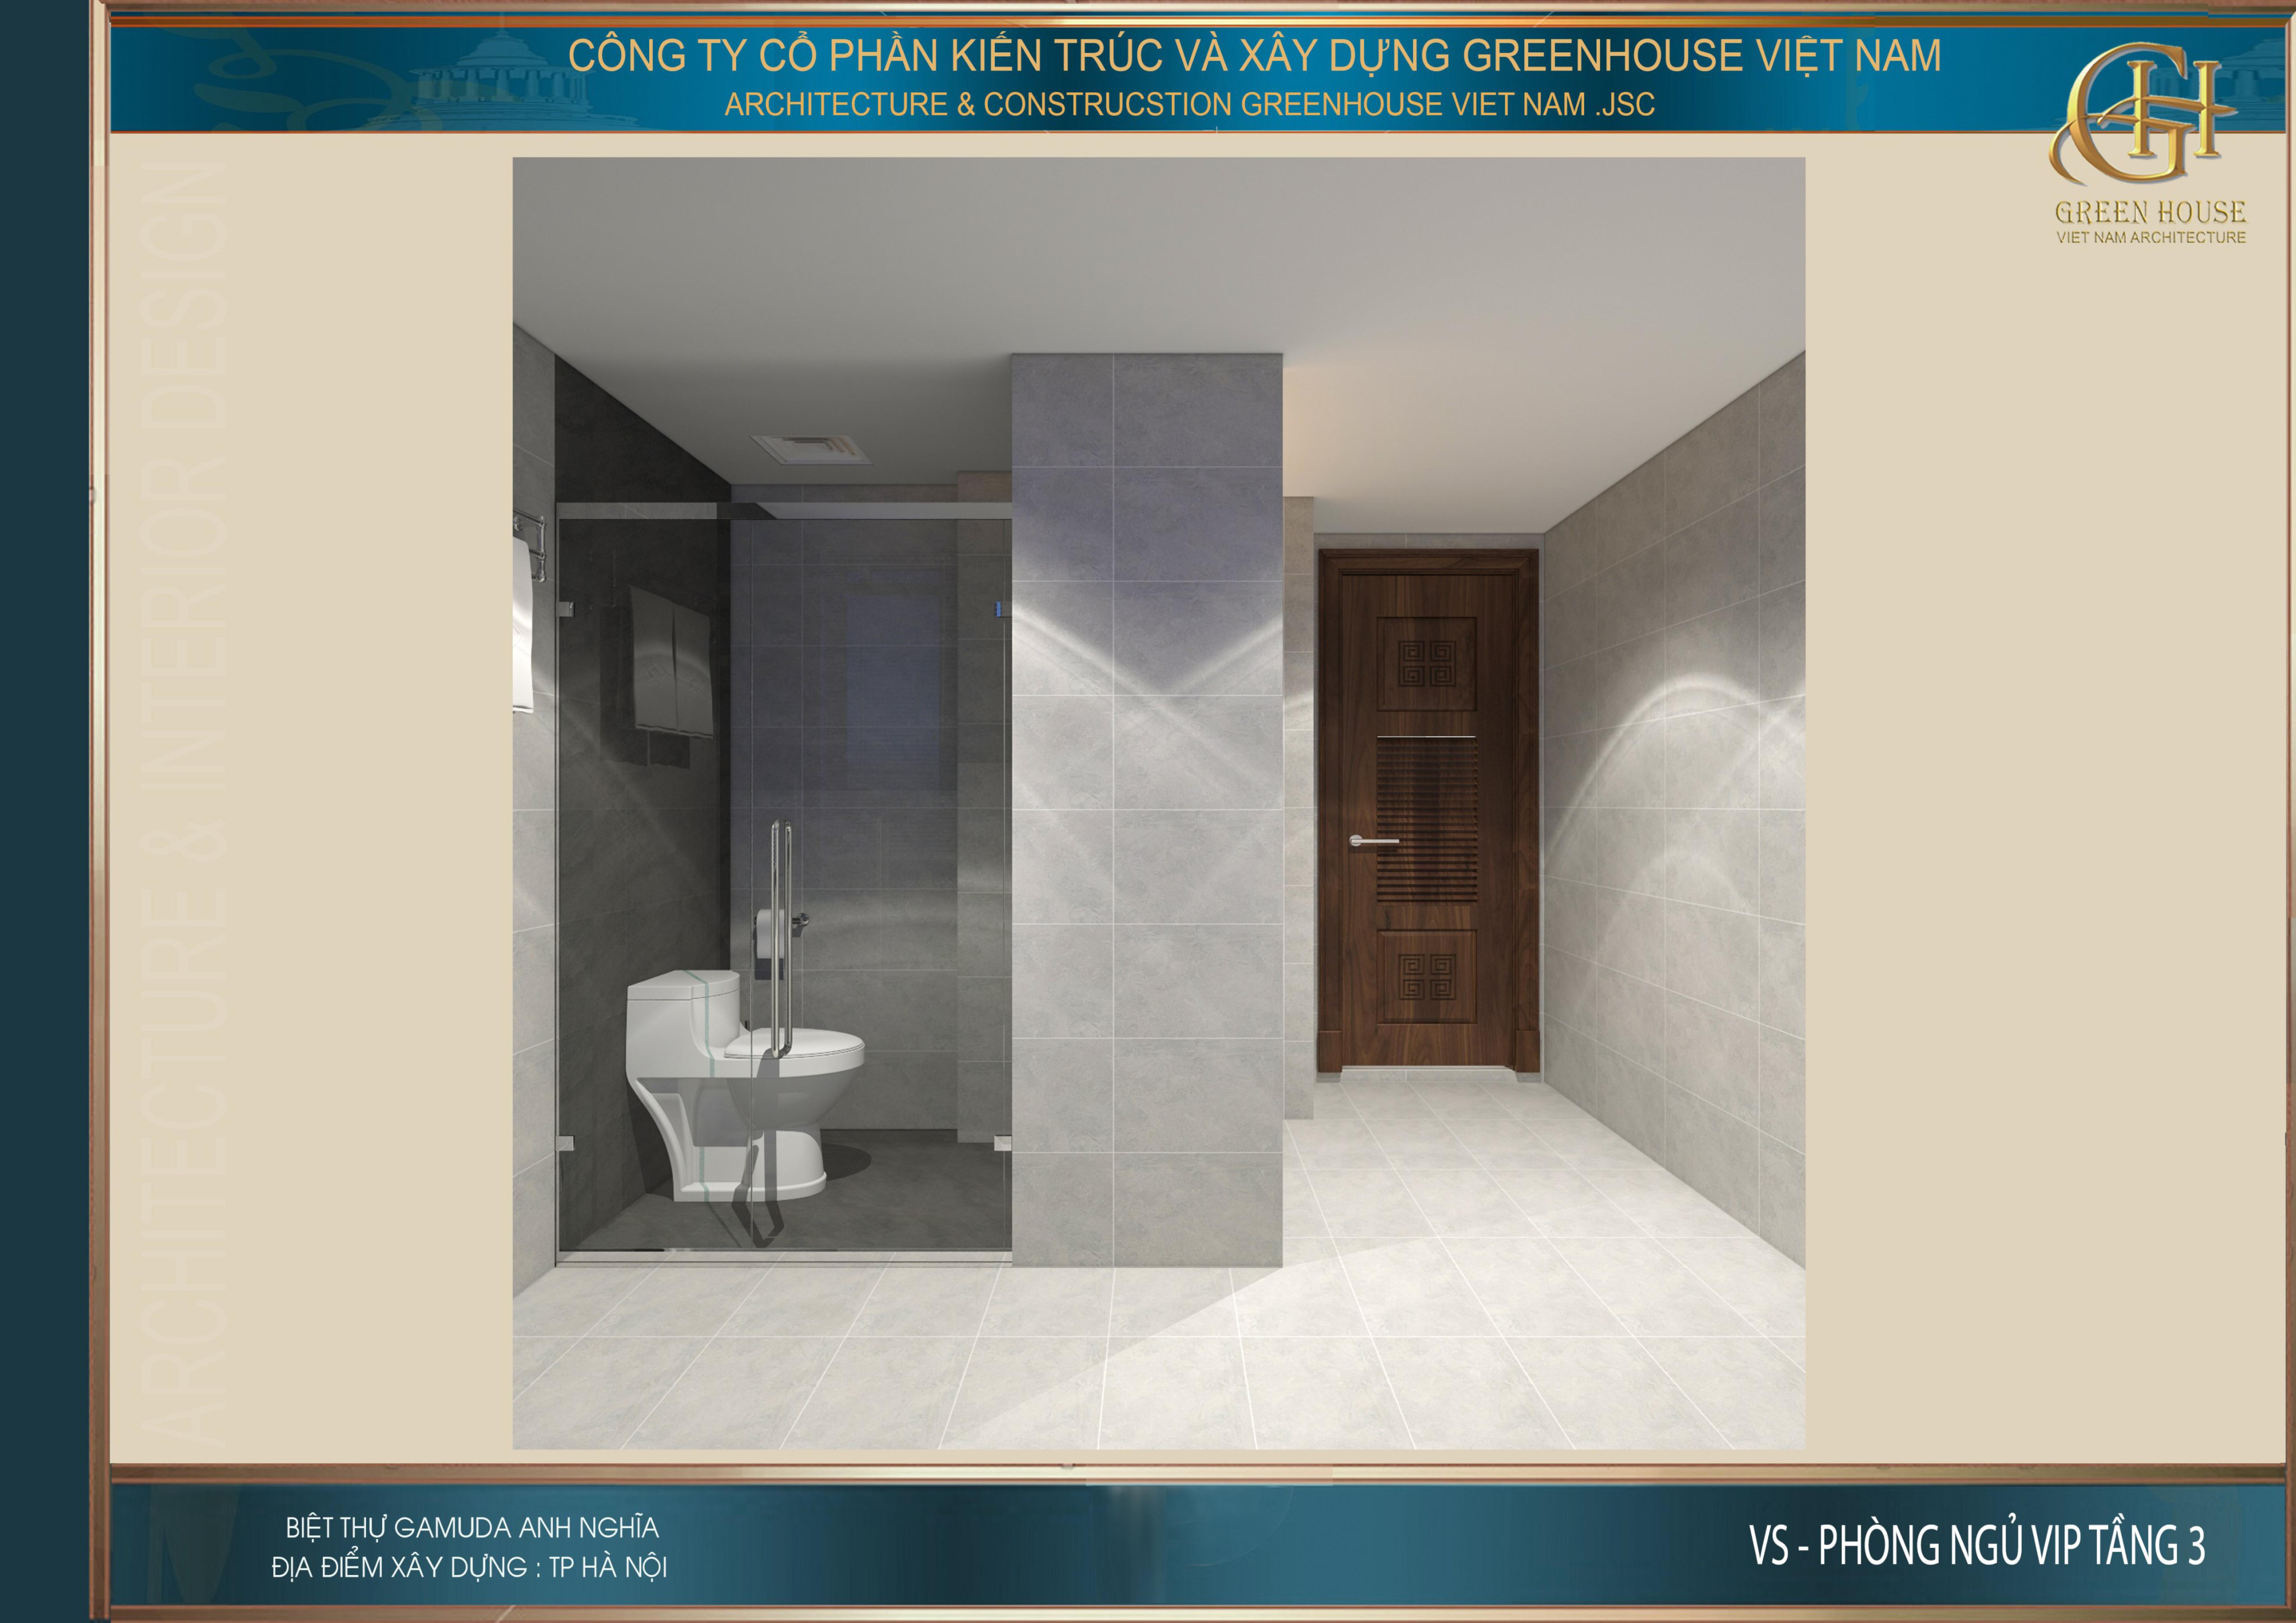 Thiết kế không gian phòng vệ sinh cho phòng ngủ VIP tầng 3